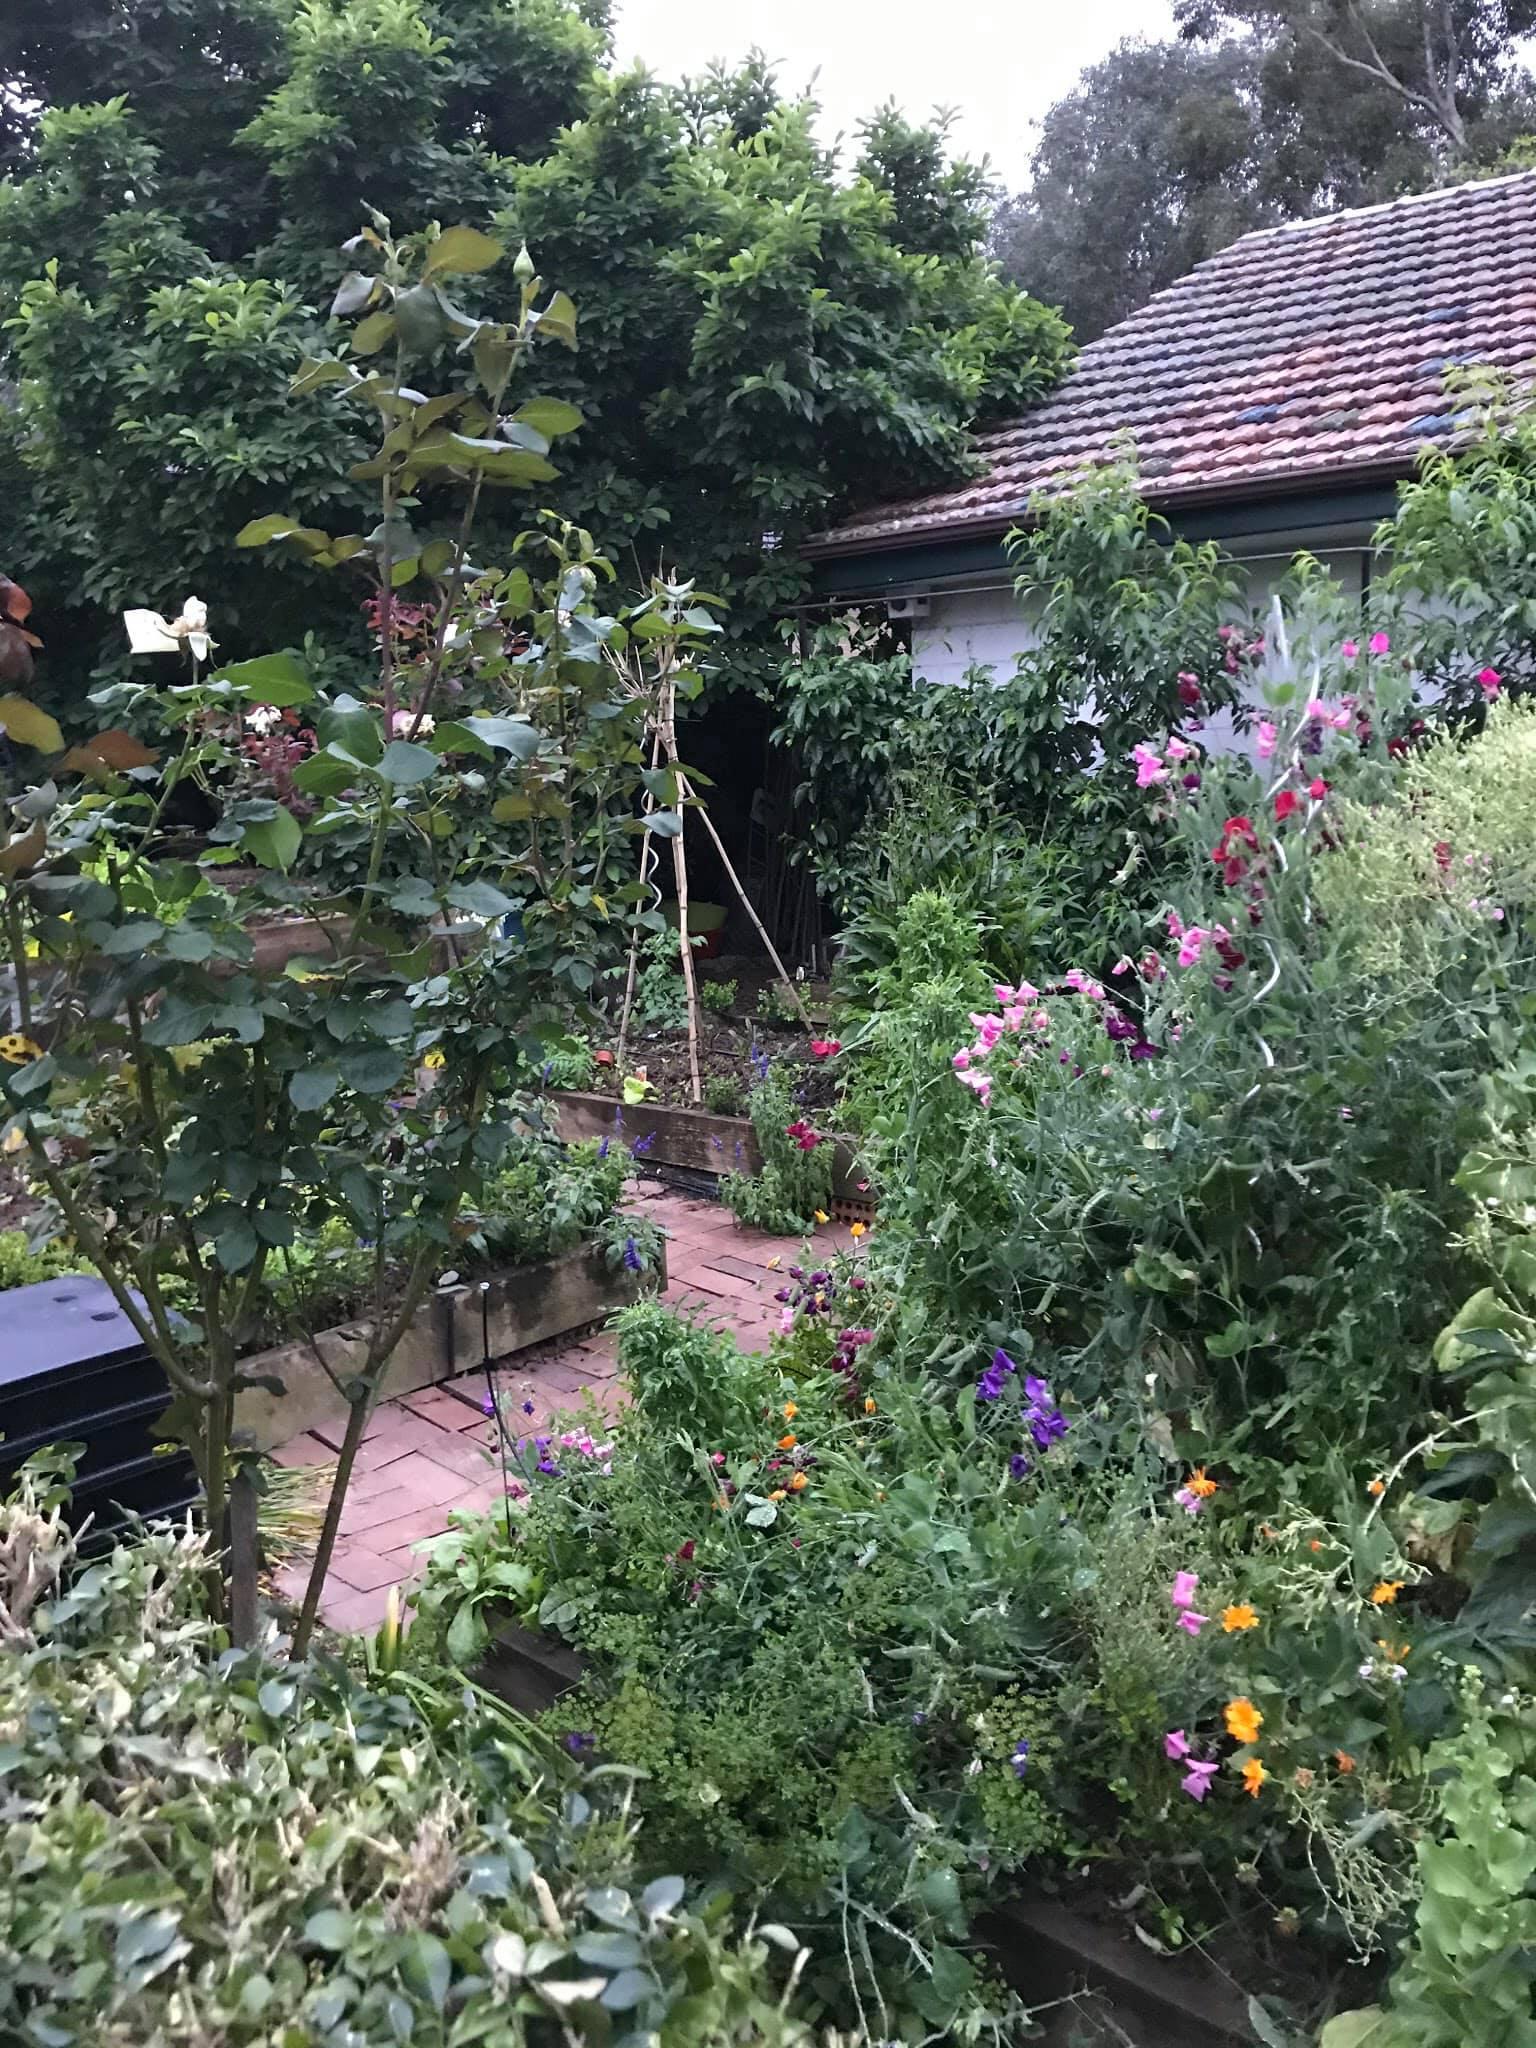 Khu vườn rộng 575m² xanh tươi đủ loại rau quả sạch giữa thành phố của người đàn ông thích trồng cây từ năm 9 tuổi - Ảnh 17.